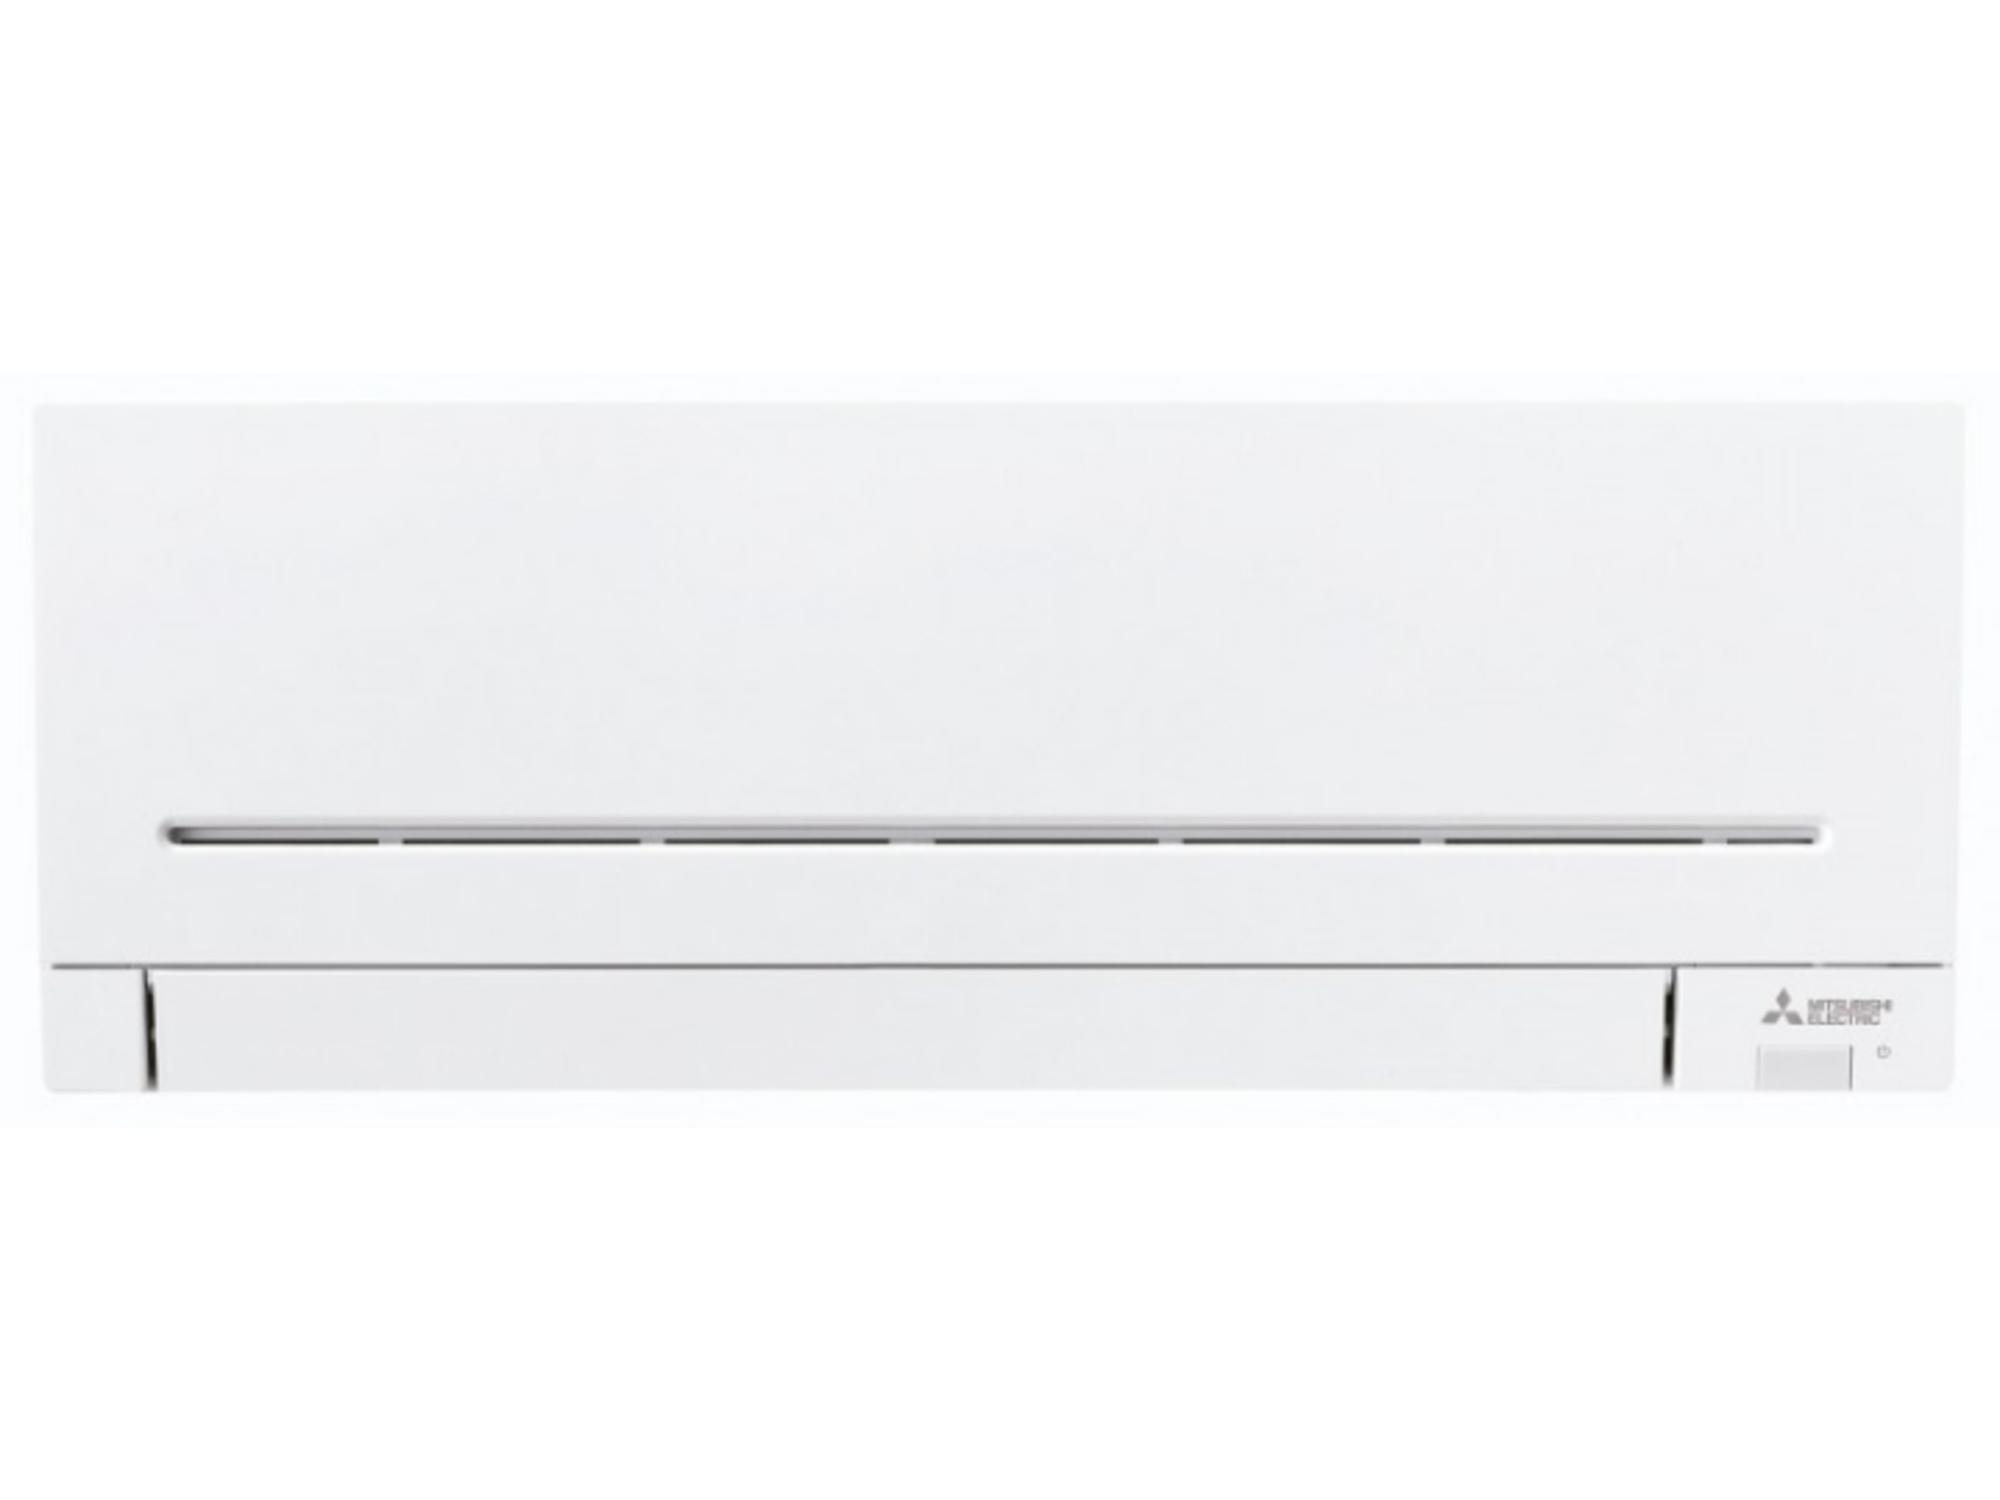 Mitsubishi Klimatska naprava z montažo MSZ-AP20VG/MUZ-AP20VG - 2 kW